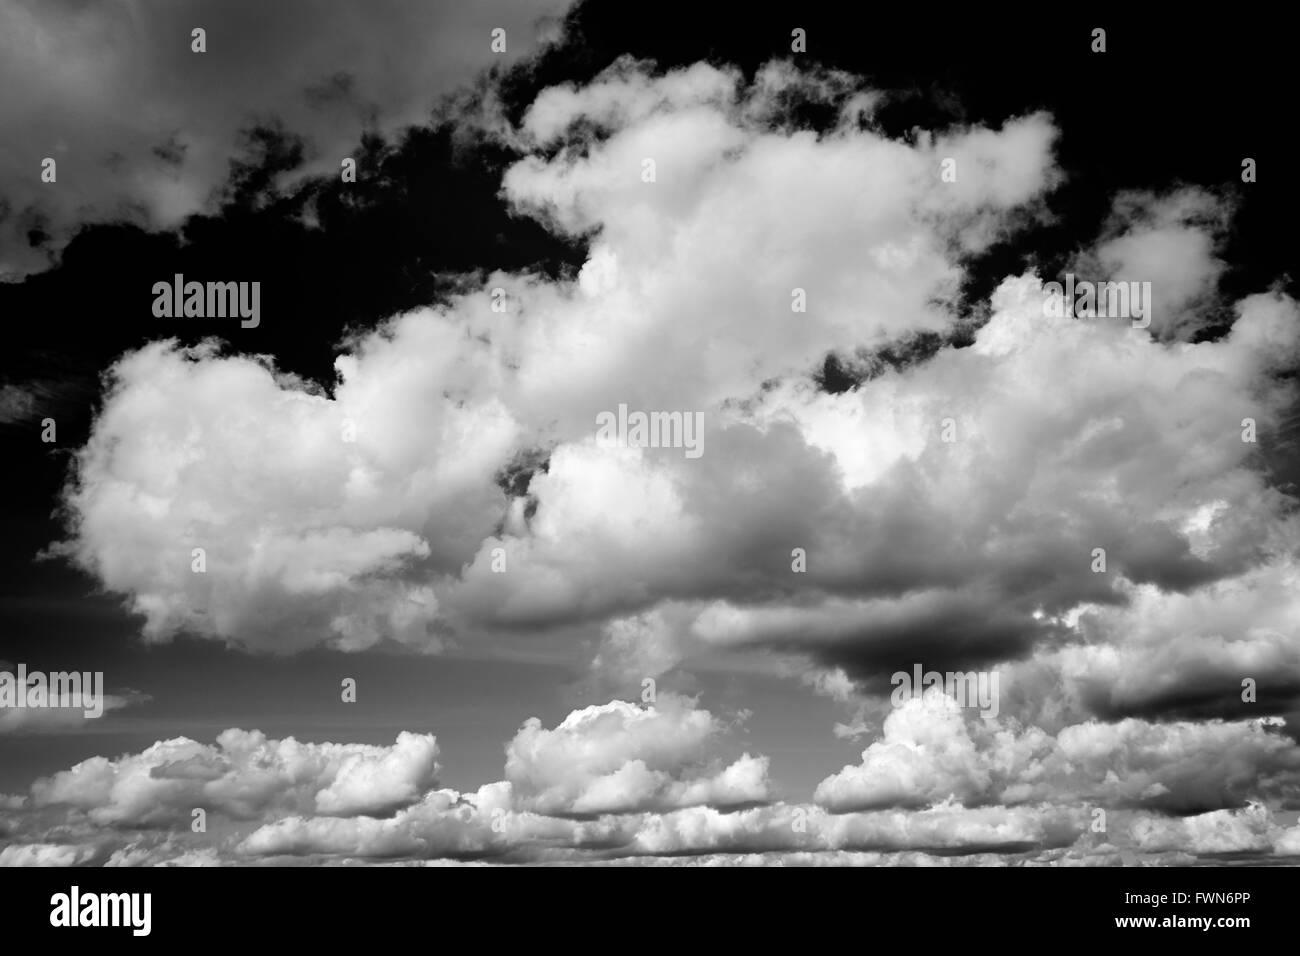 Cumulonimbus cloud formations against a bright sky. UK. - Stock Image